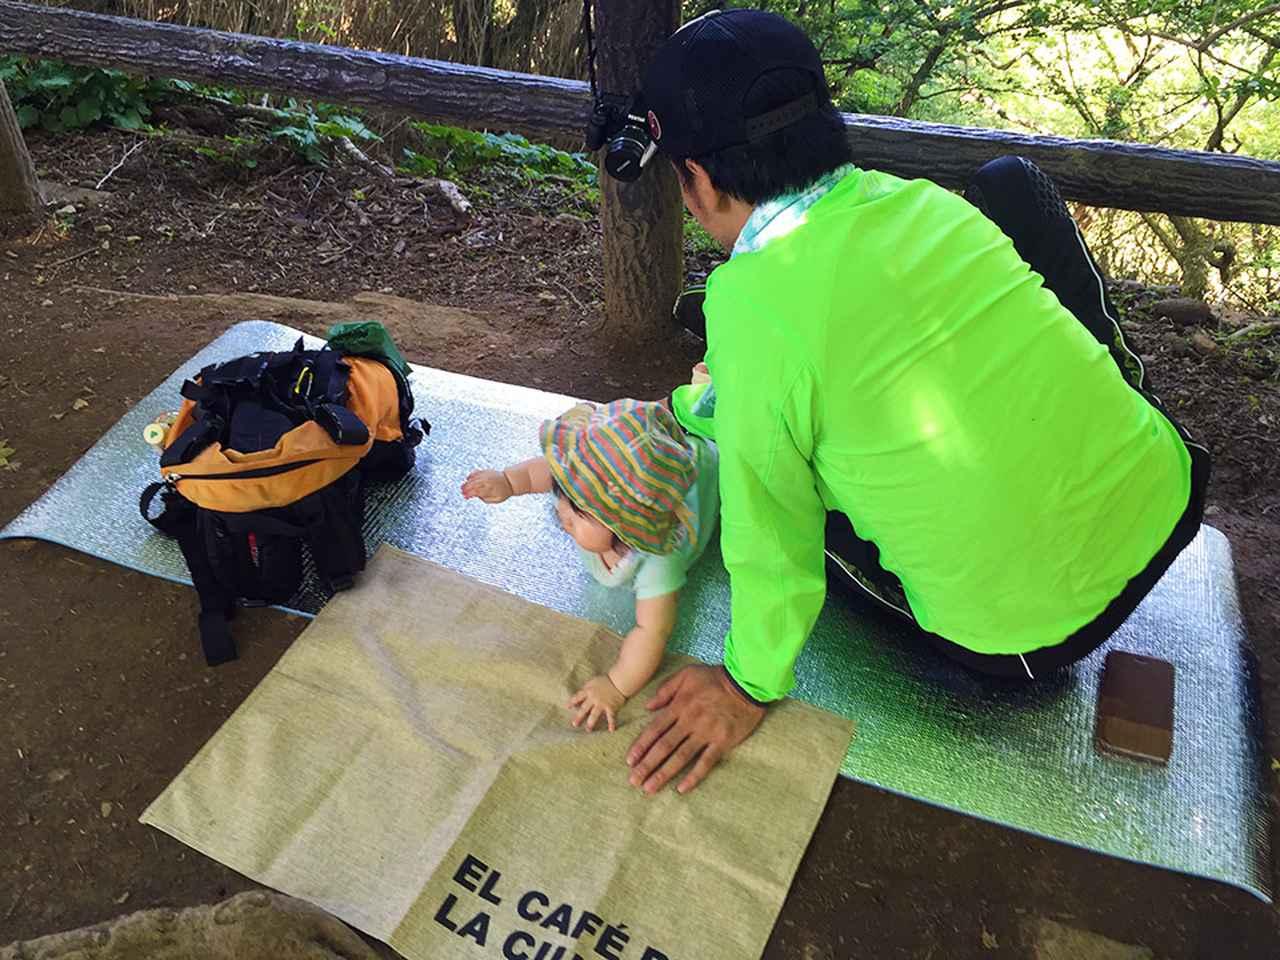 画像: 筆者撮影 0歳の娘を連れて筑波山登山。休憩時は銀マットの上をハイハイ